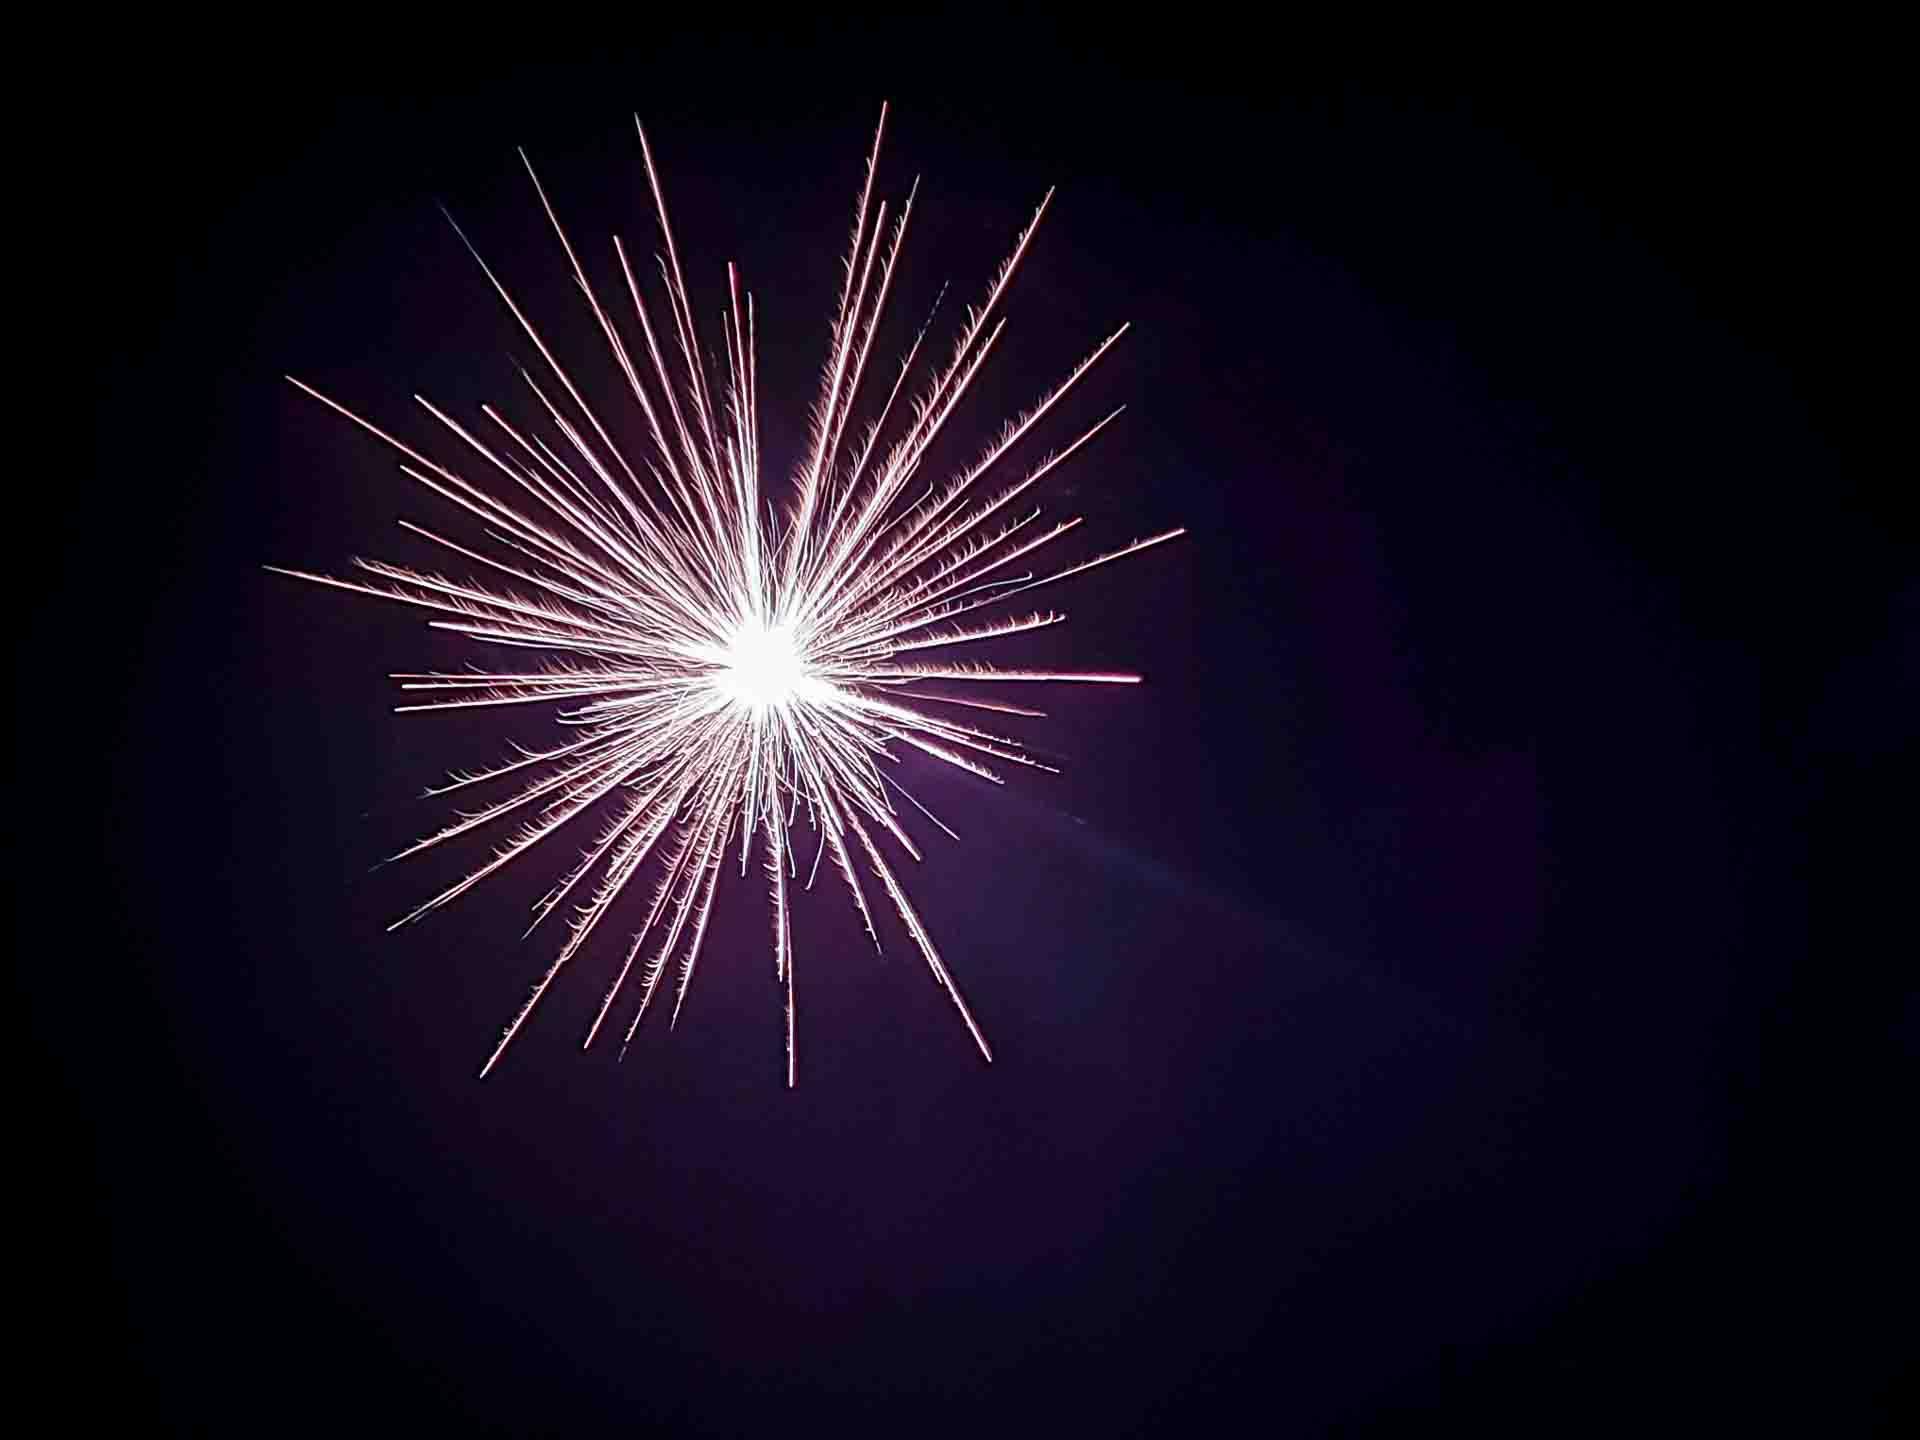 Feuerwerk fotografieren mit dem Smartphone